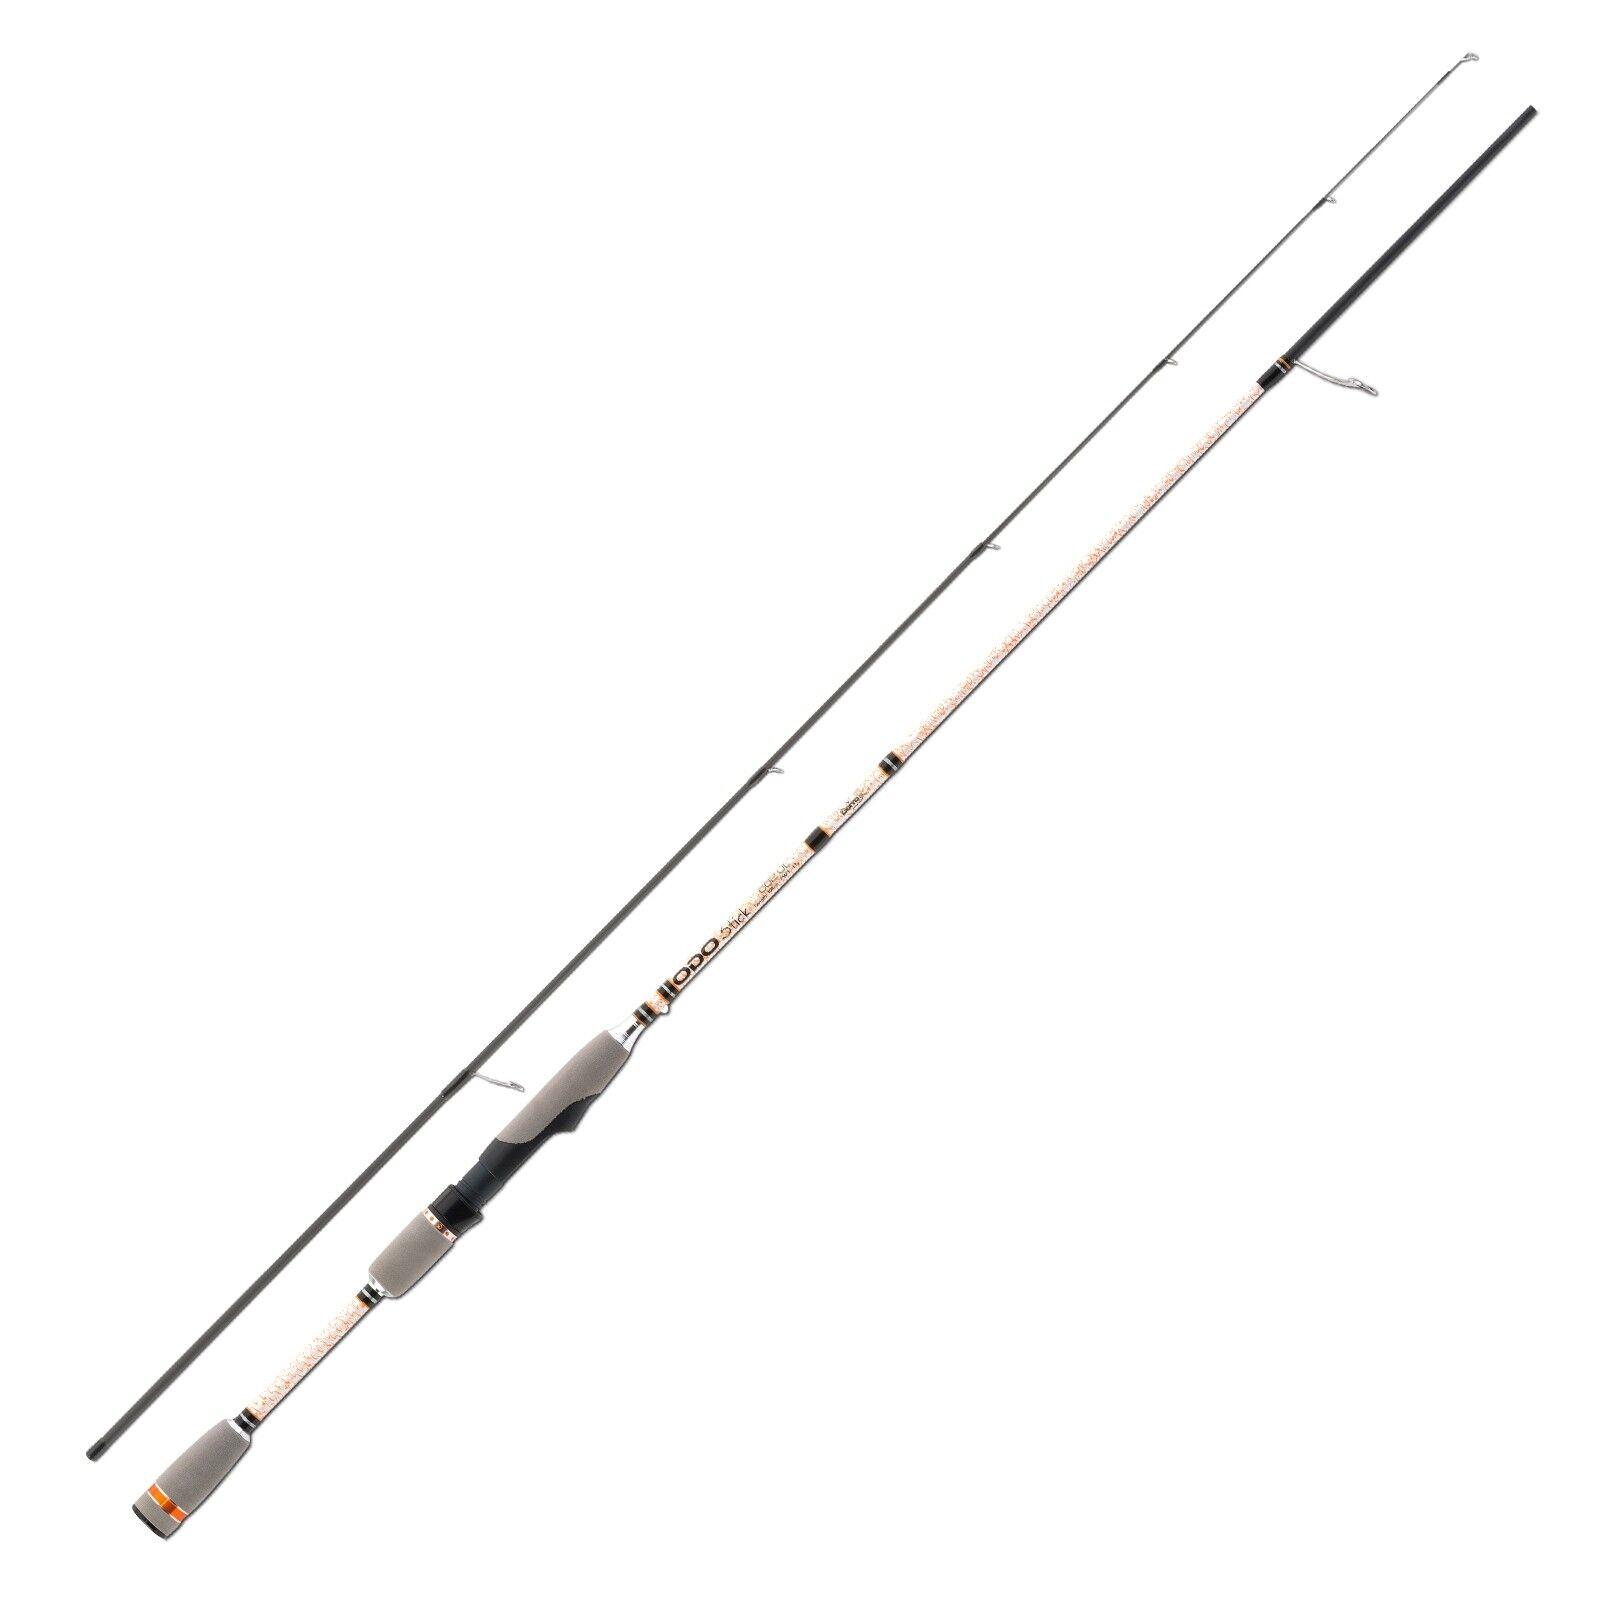 Doiyo trossoe  & Spigola stadiaOdo Stick 702 UL 2,13m 111g 2 pezzi